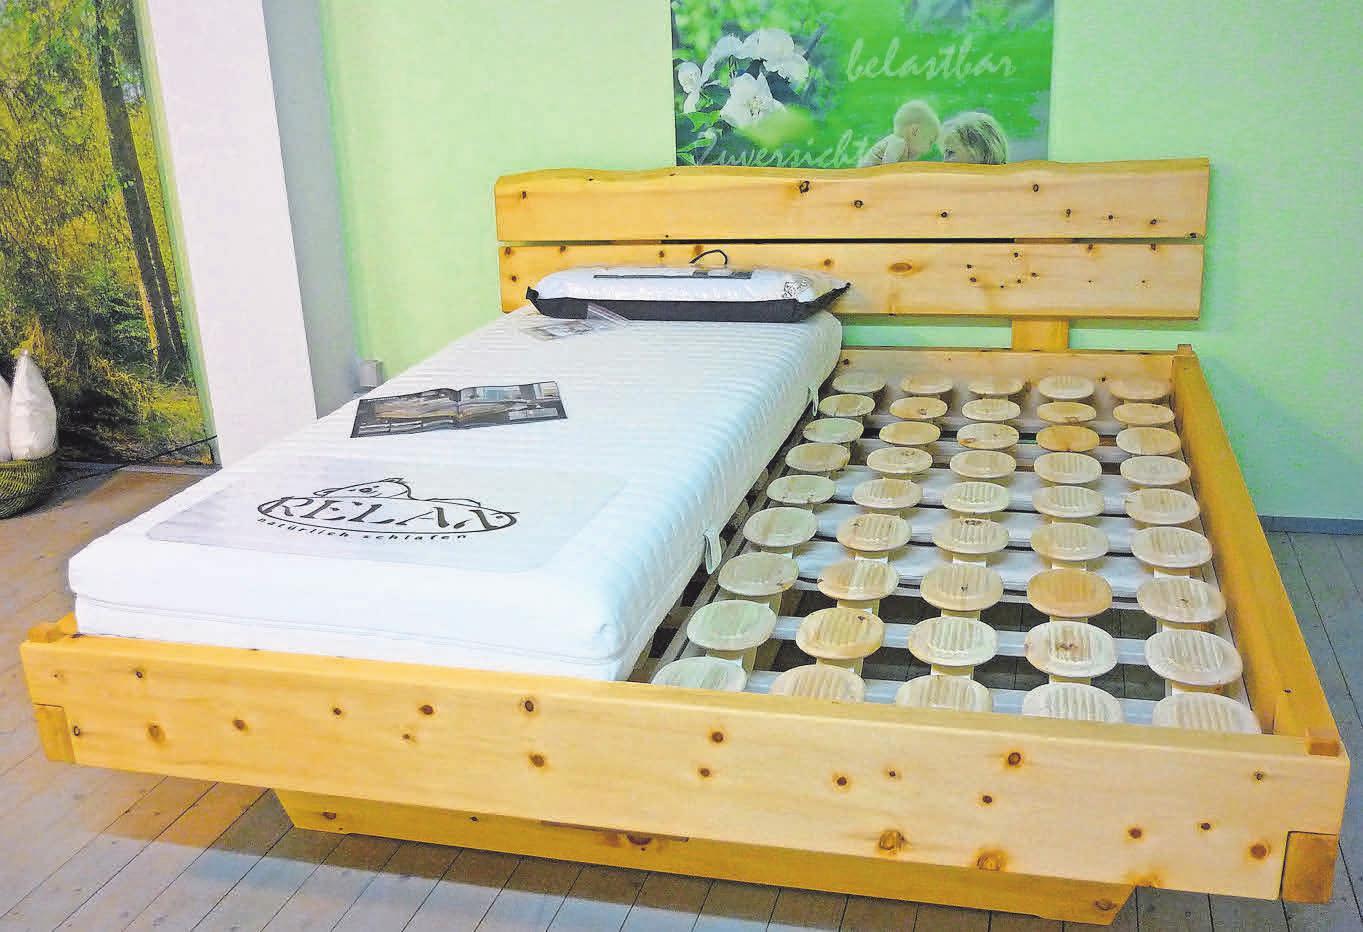 Im Osterwalder Möbelhaus können Sie sich über die hohe Wirksamkeit des Relax-Schlafsystems informieren.